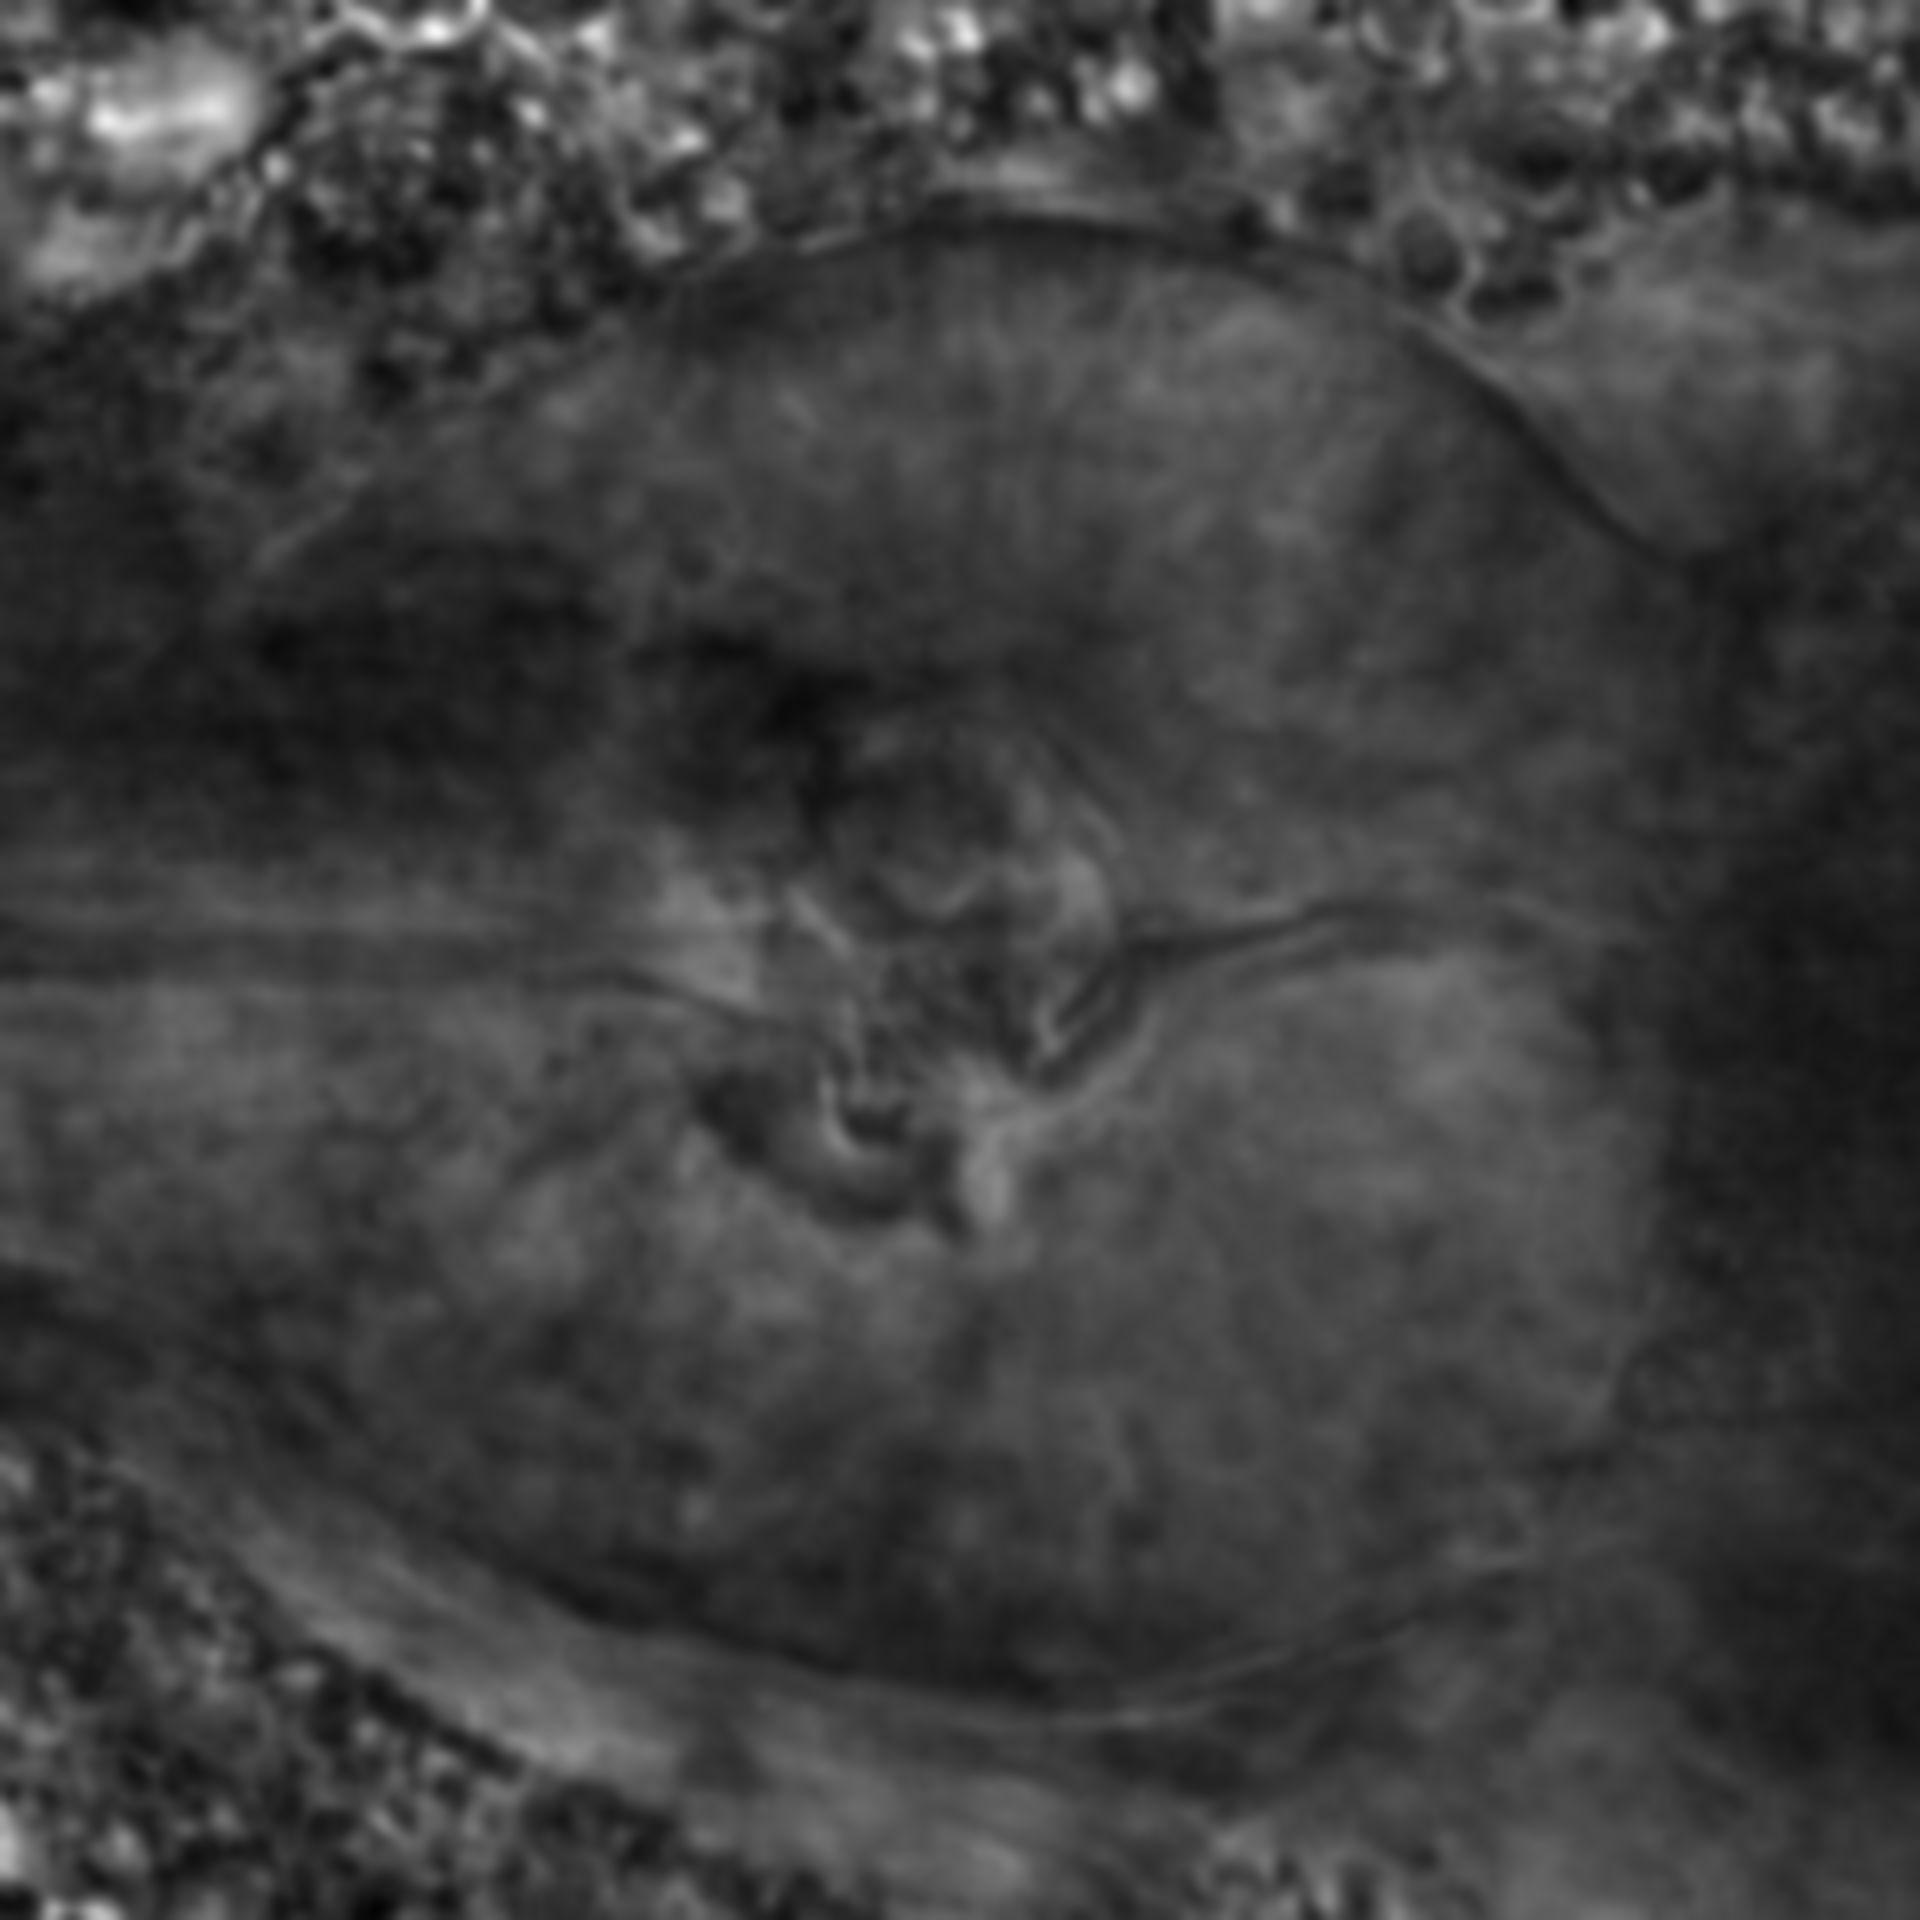 Caenorhabditis elegans - CIL:2273